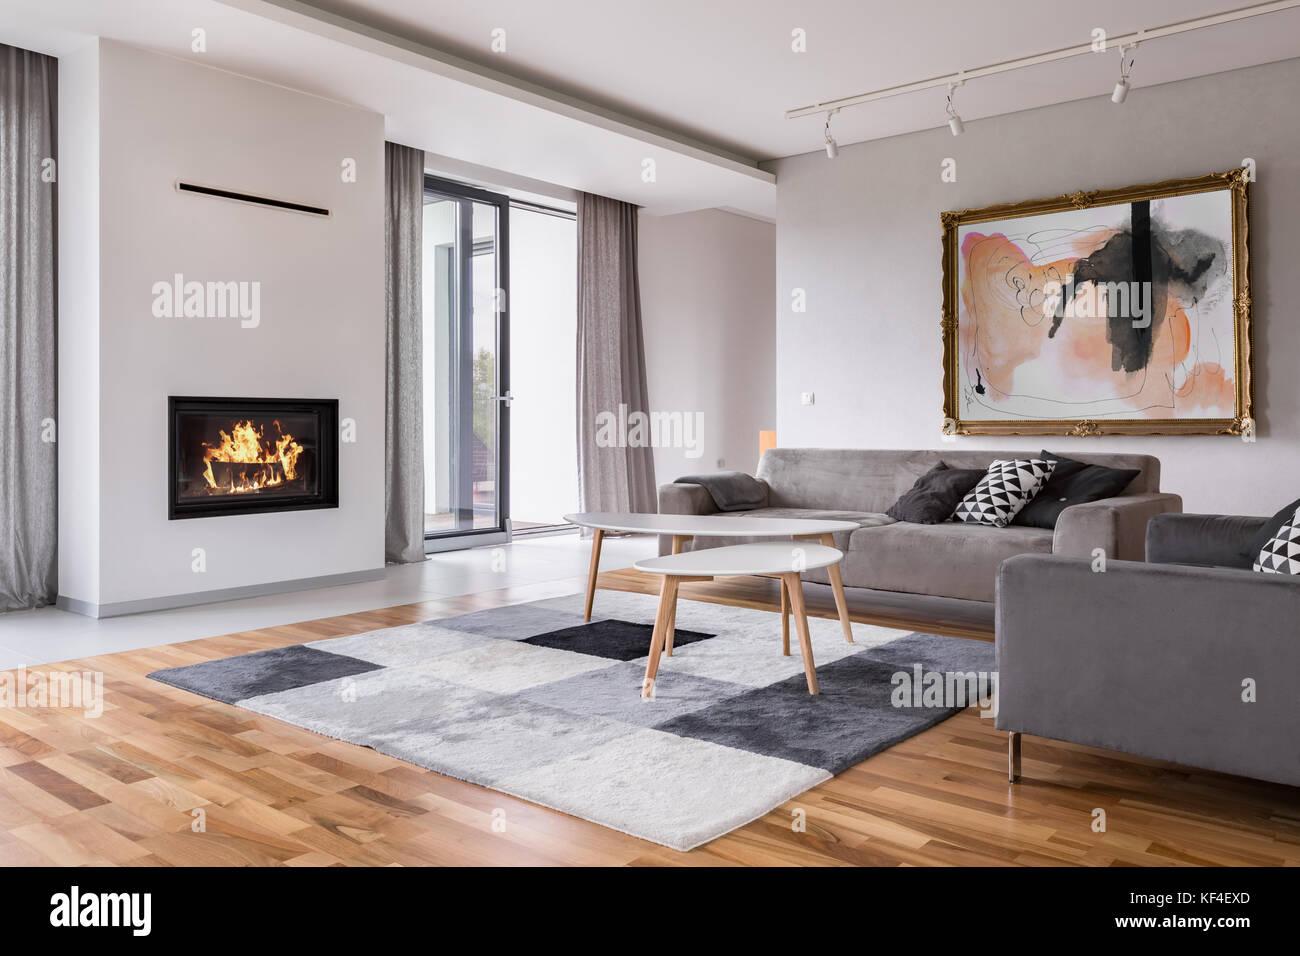 Modernes Wohnzimmer Mit Kamin, Sofa, Balkon Und Muster Teppich